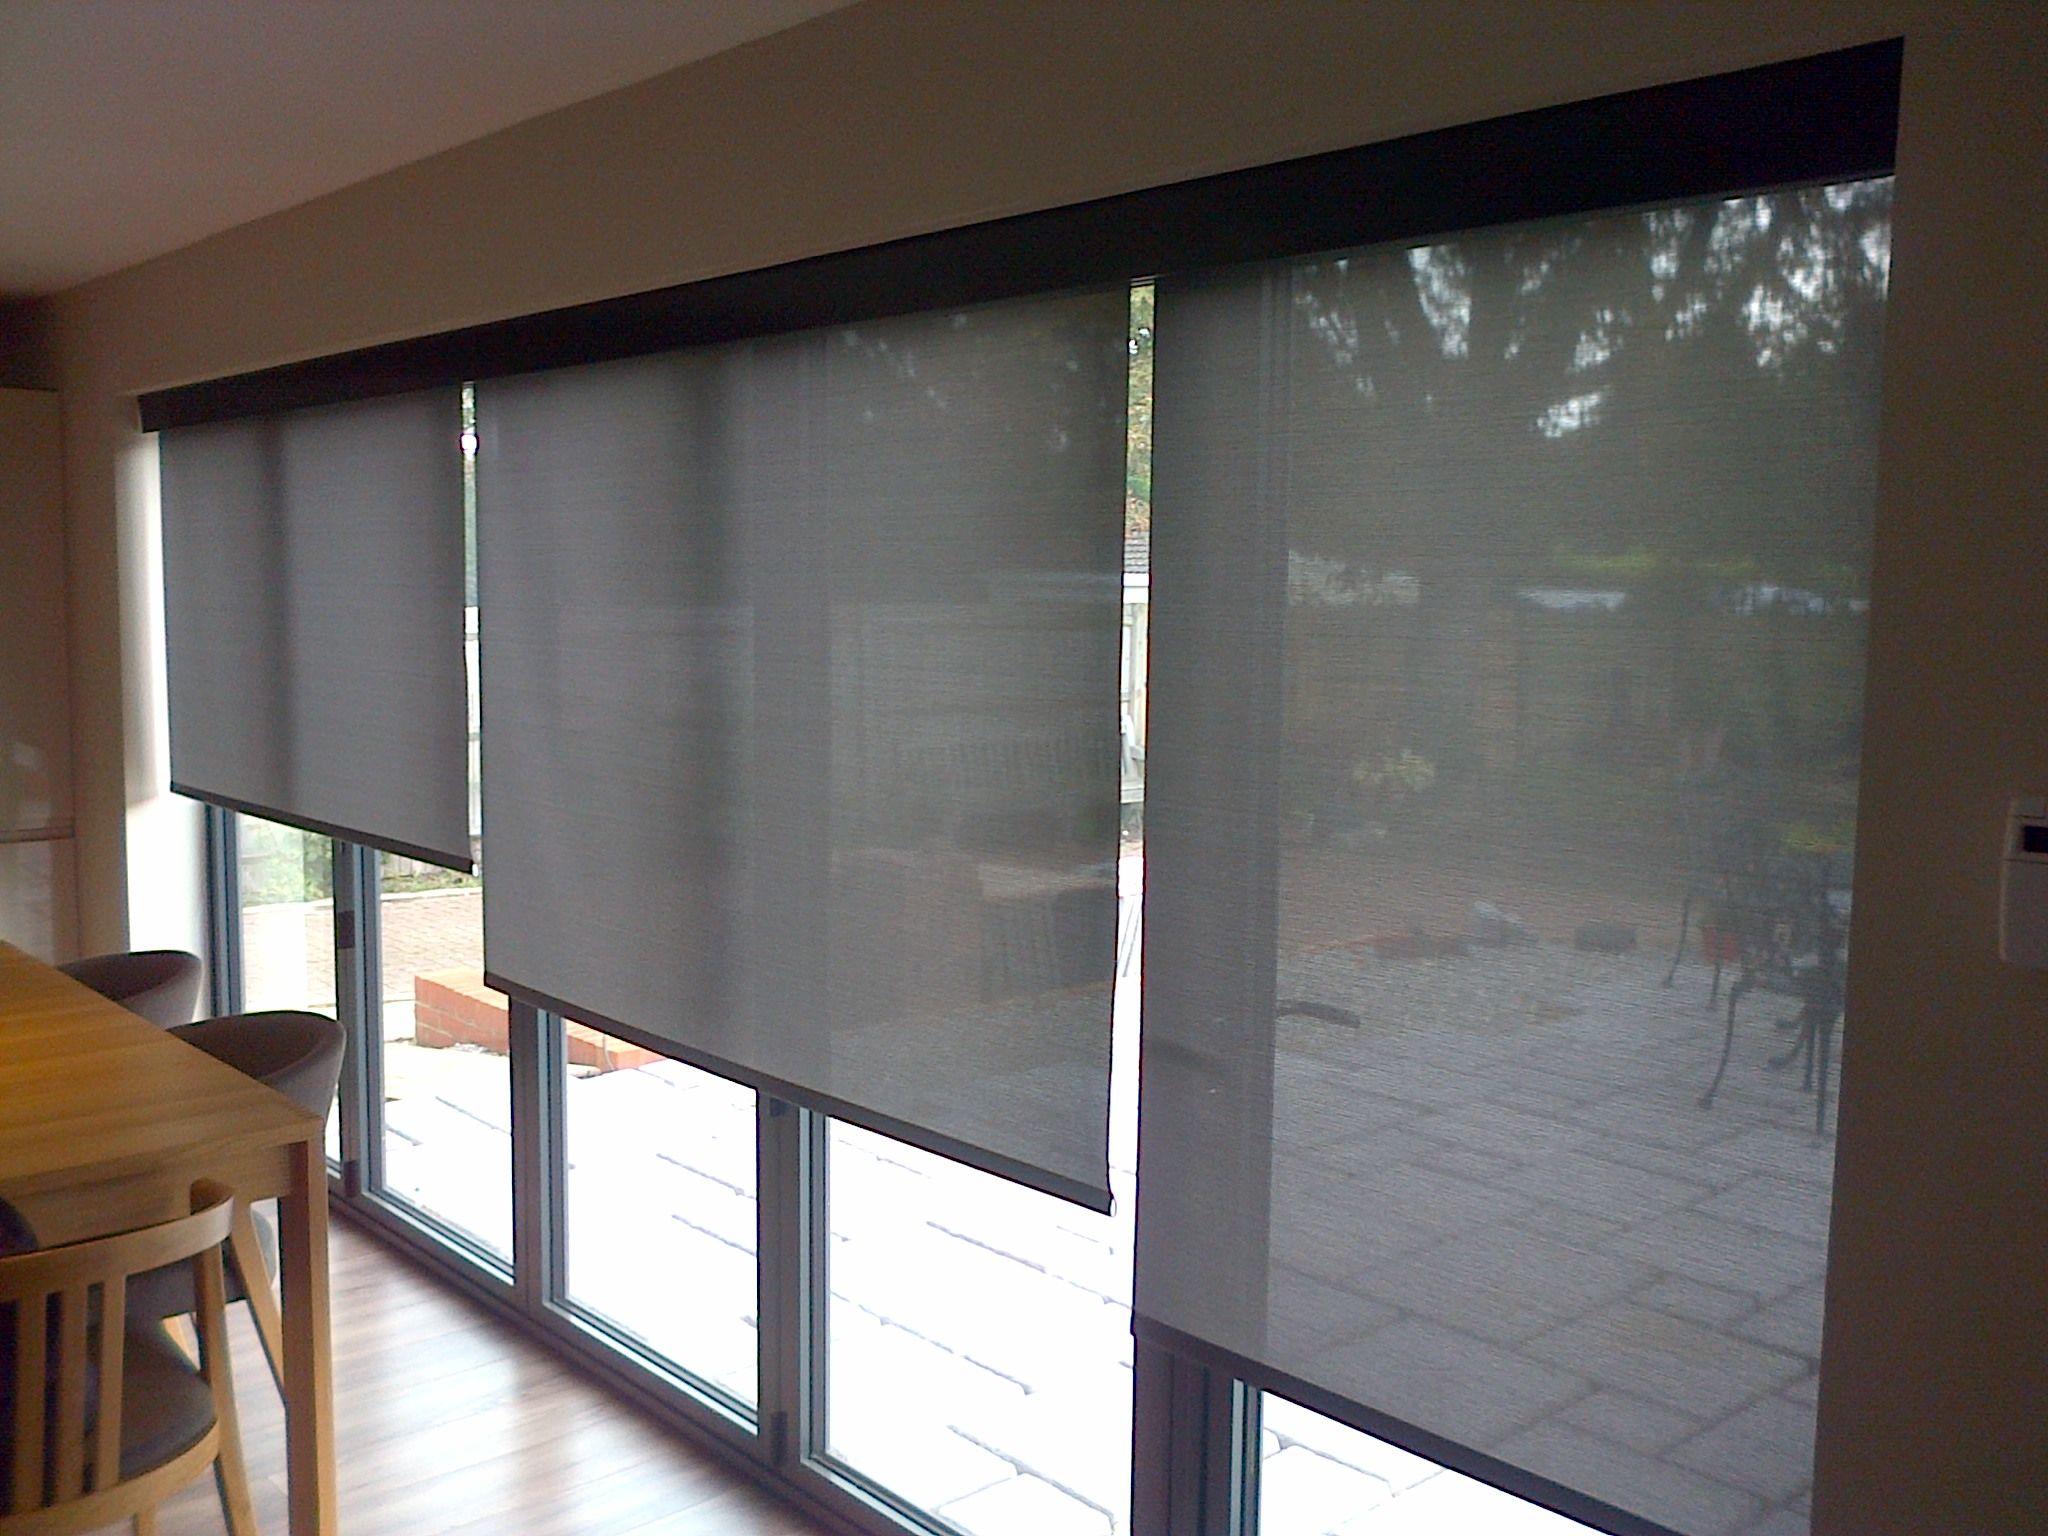 Electric Blinds Look Great On All Bifold Doors Sliding Door Window Treatments Blinds For Bifold Doors Patio Door Blinds